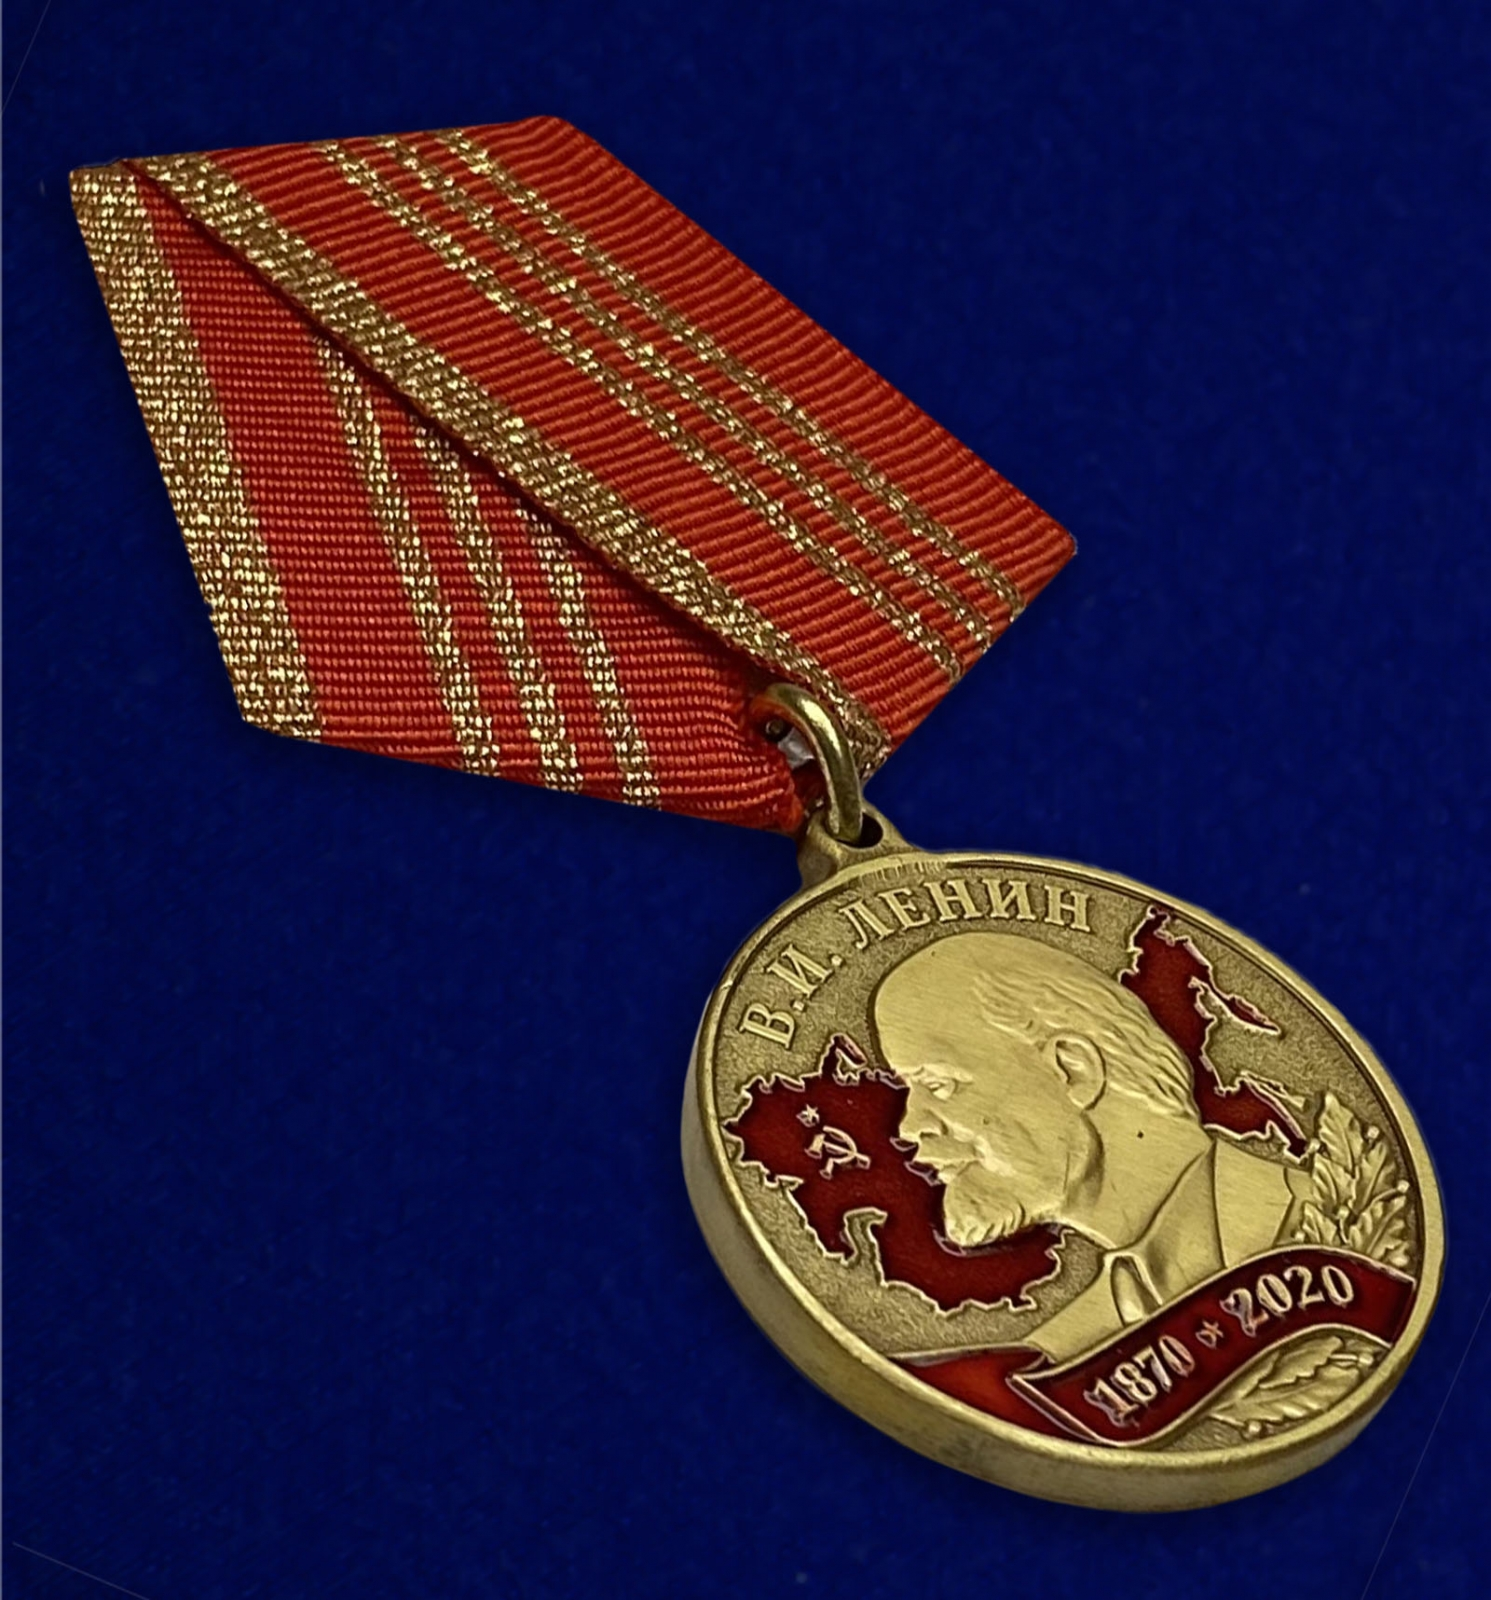 """Купить медаль """"В ознаменование 150-летия со дня рождения В.И. Ленина"""""""